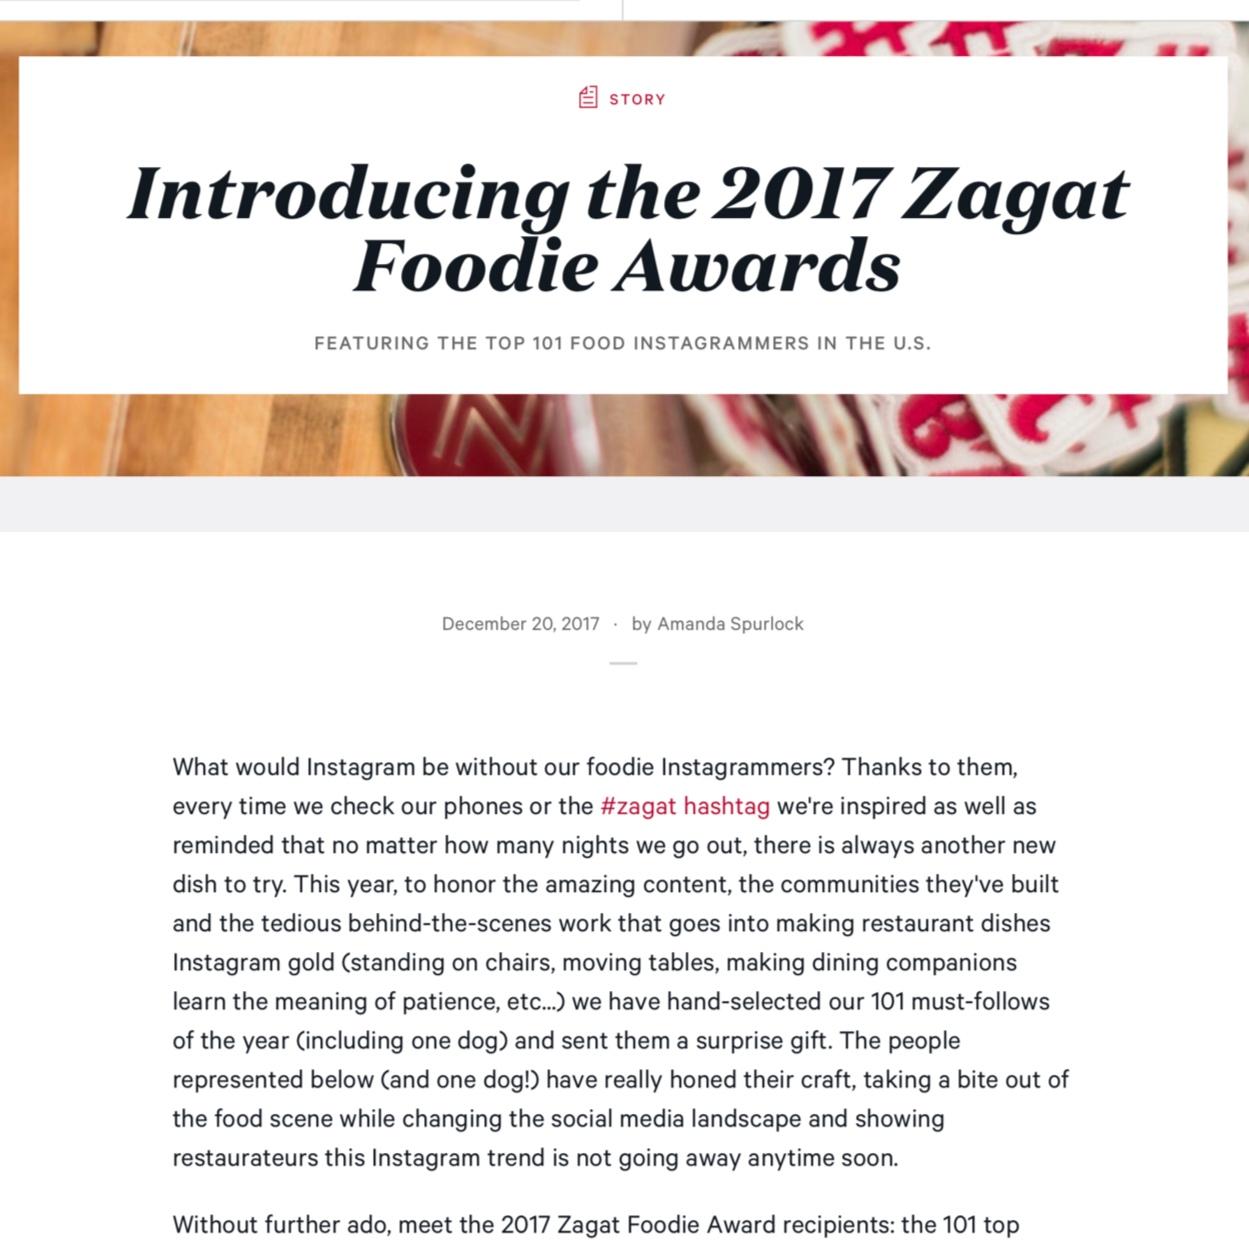 Zagat Foodie Award 2017